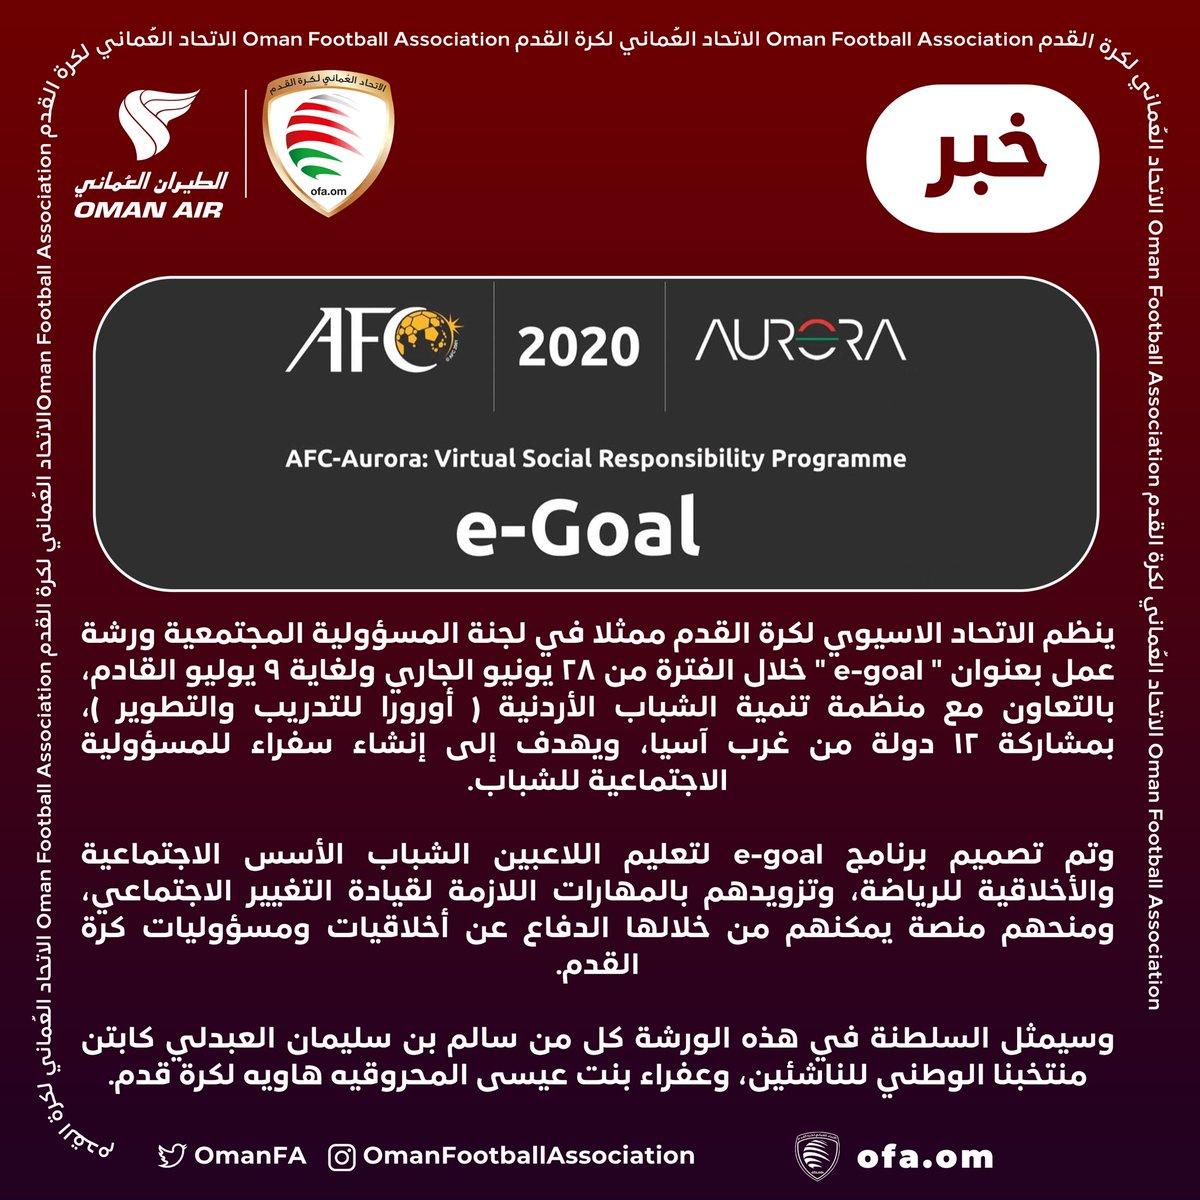 - يُنظم الاتحاد الاسيوي لكرة القدم ممثلاً في لجنة المسؤولية المجتمعية ورشة عمل بعنوان e-goal.